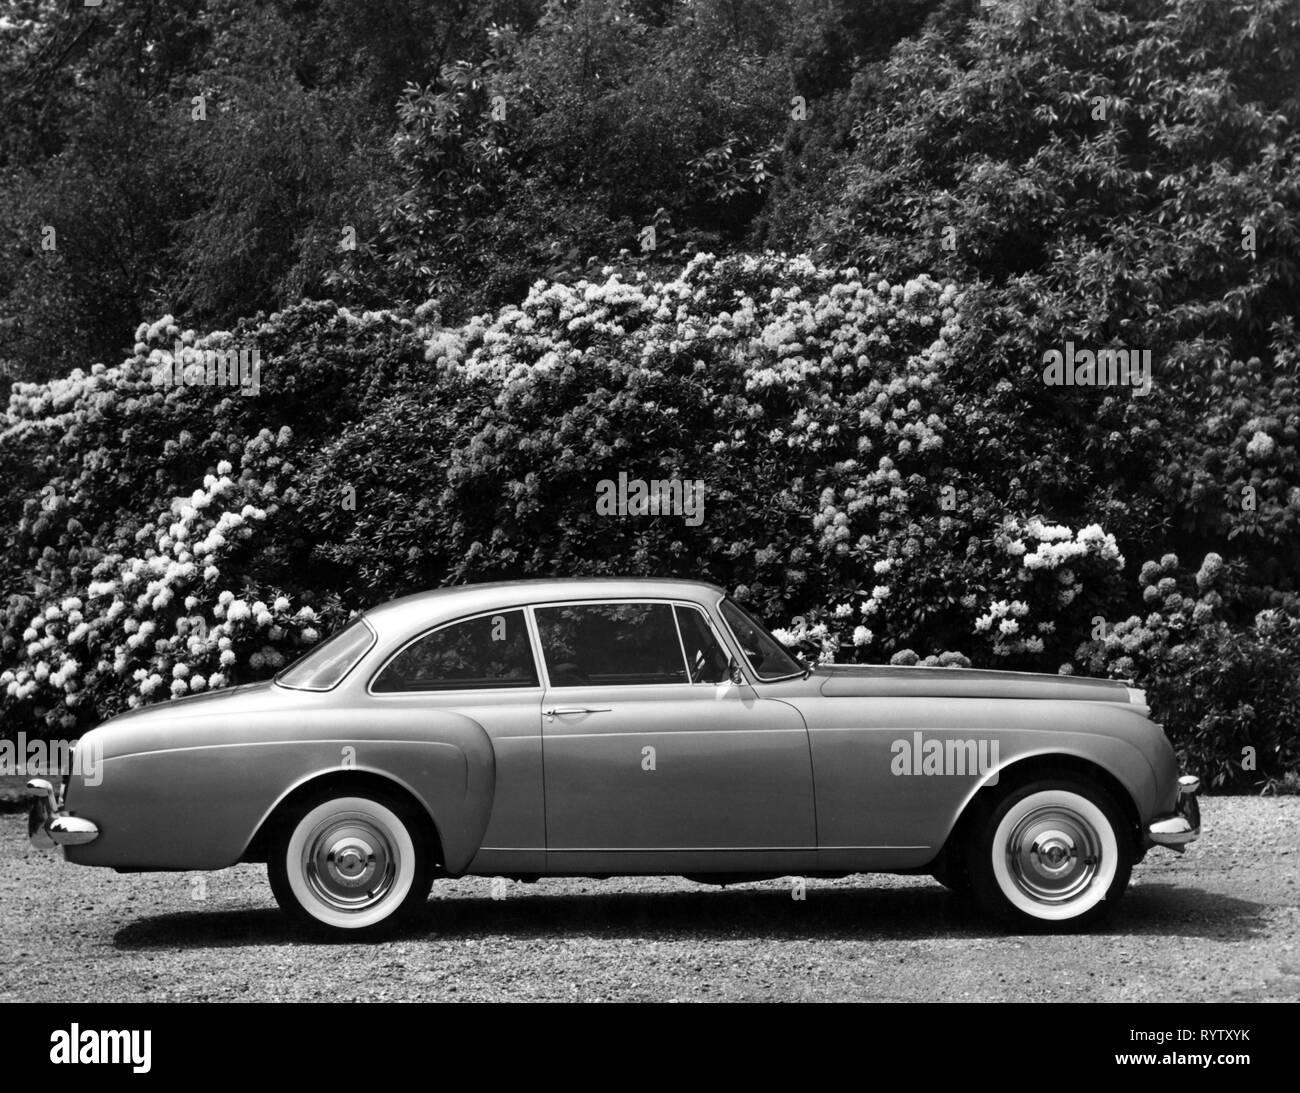 50s Bentley Stock Photos & 50s Bentley Stock Images